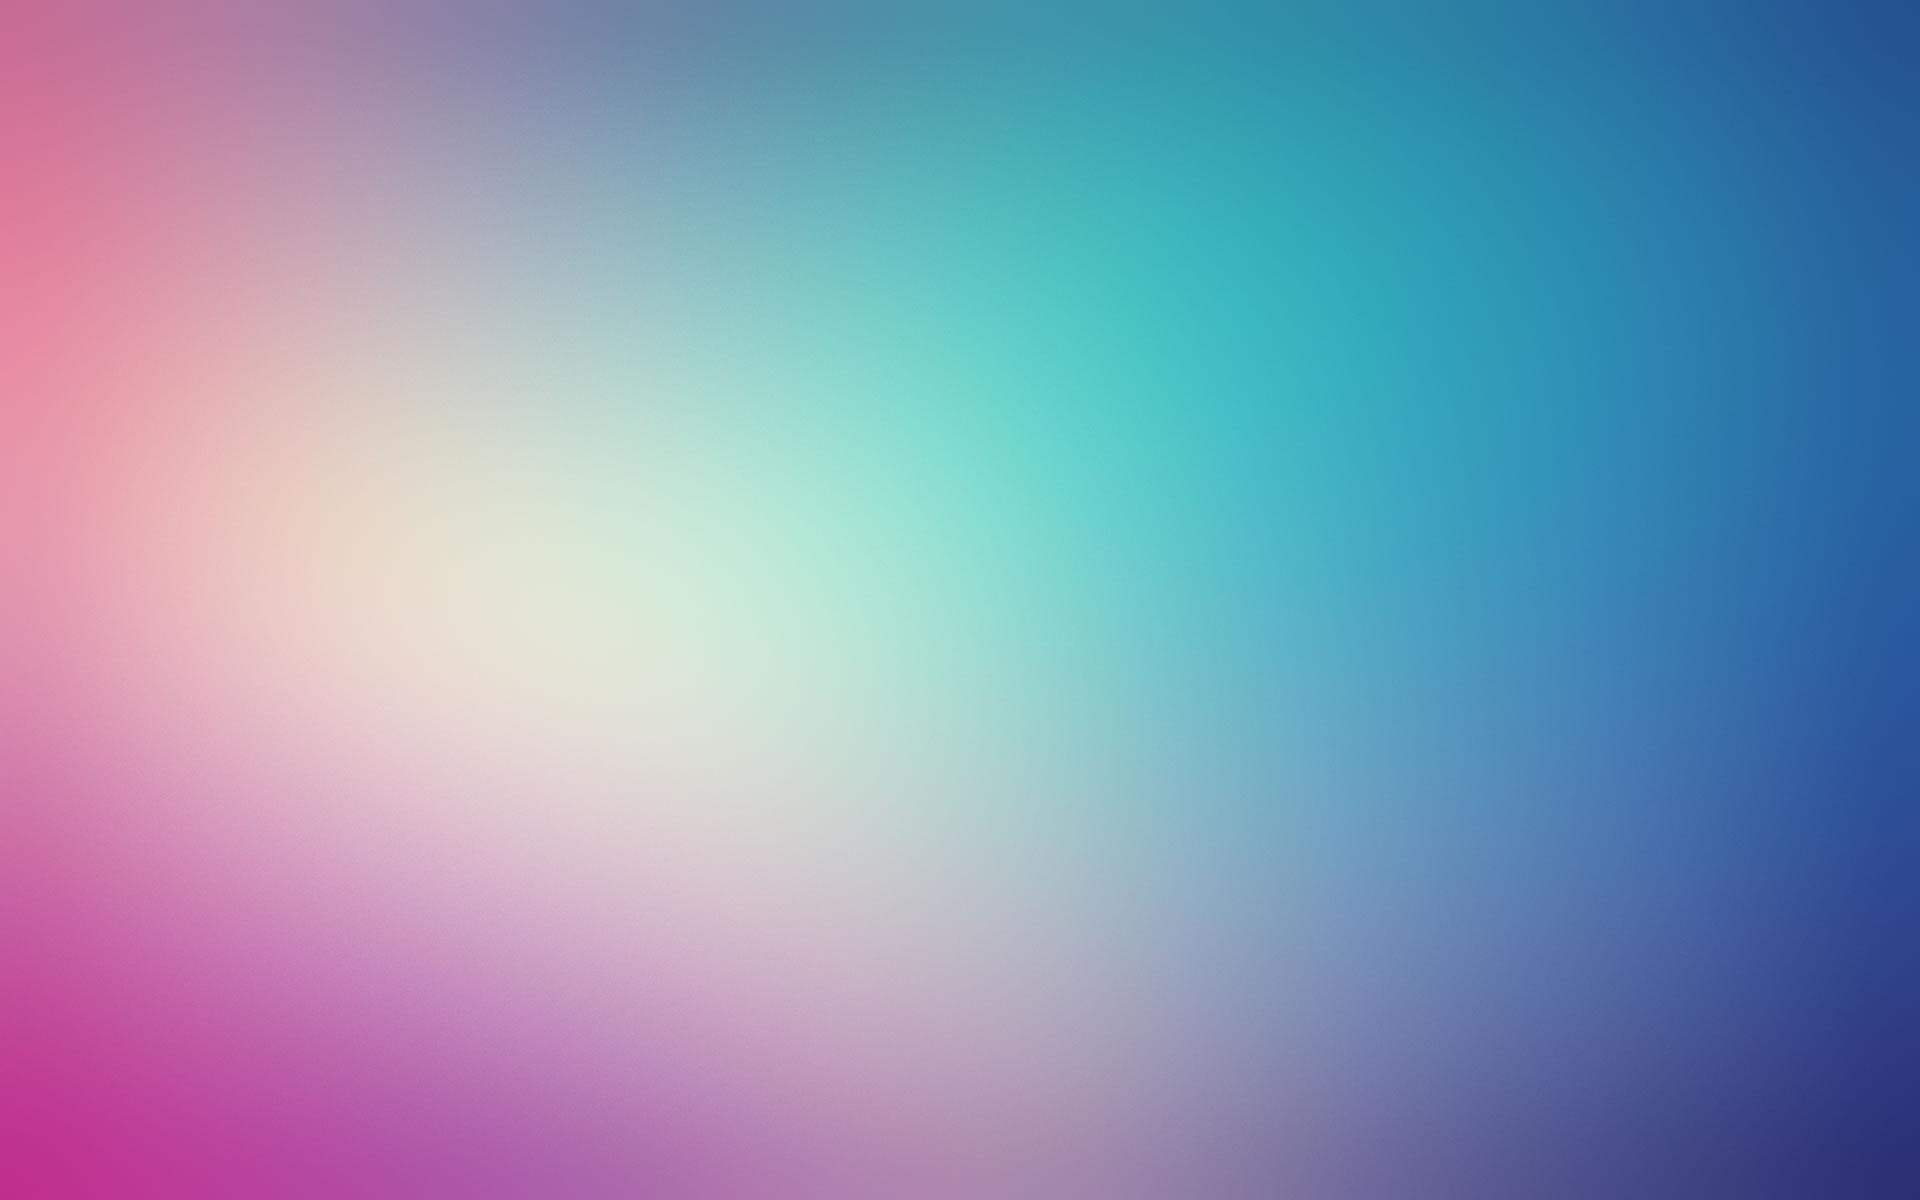 Fondos Degradados Multicolor